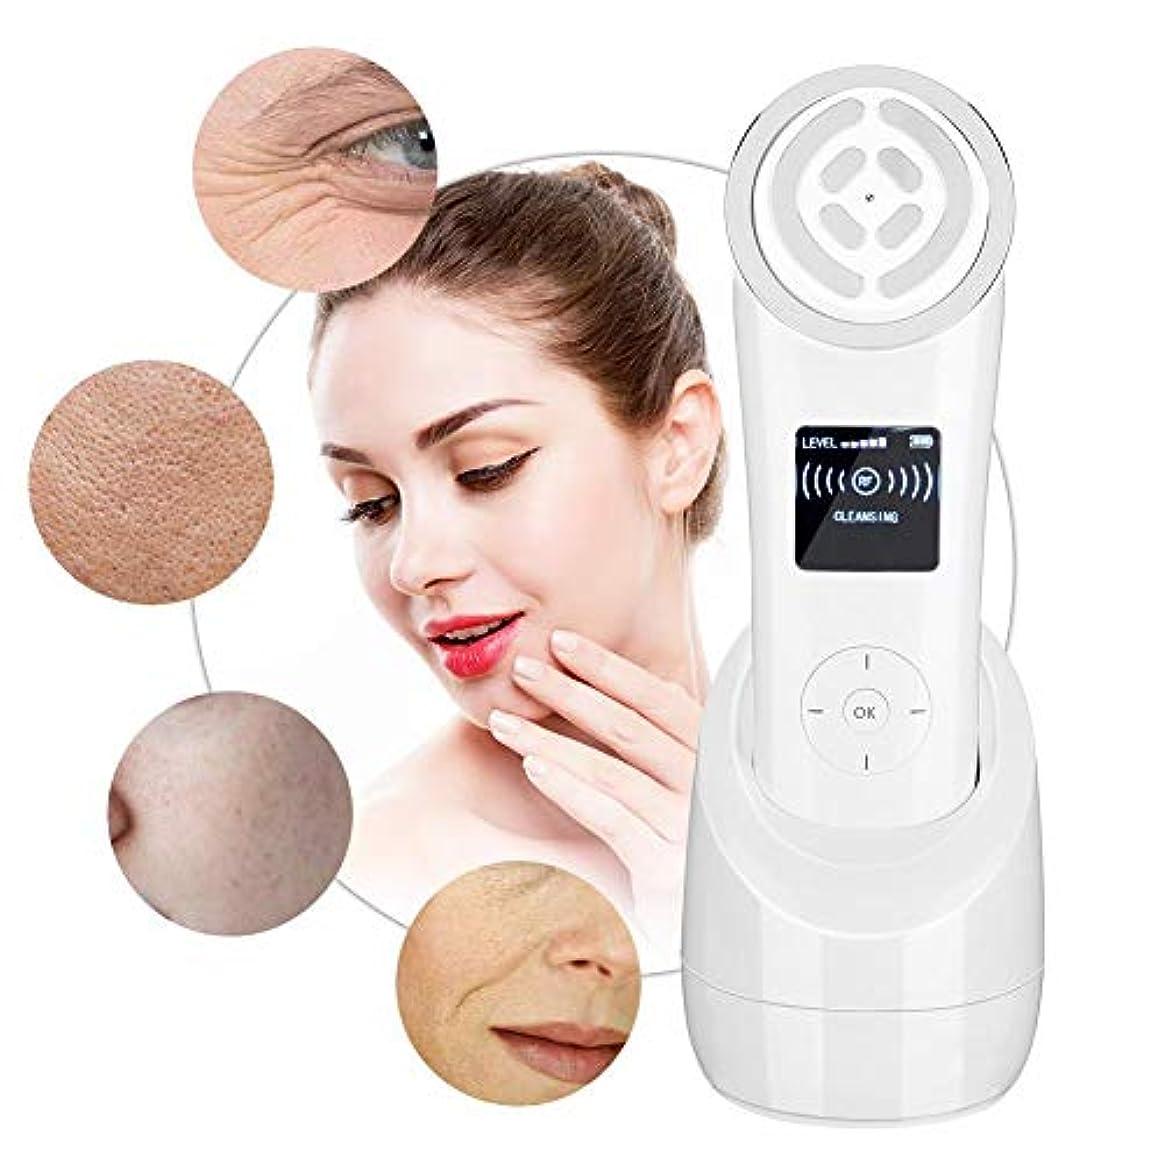 オーナー可聴レパートリー顔の美しさのマシン - RF周波数アンチエイジングアンチリンクル、肌の若返り楽器 - ポータブル若返り肌がEMS筋肉刺激を強化(UE)